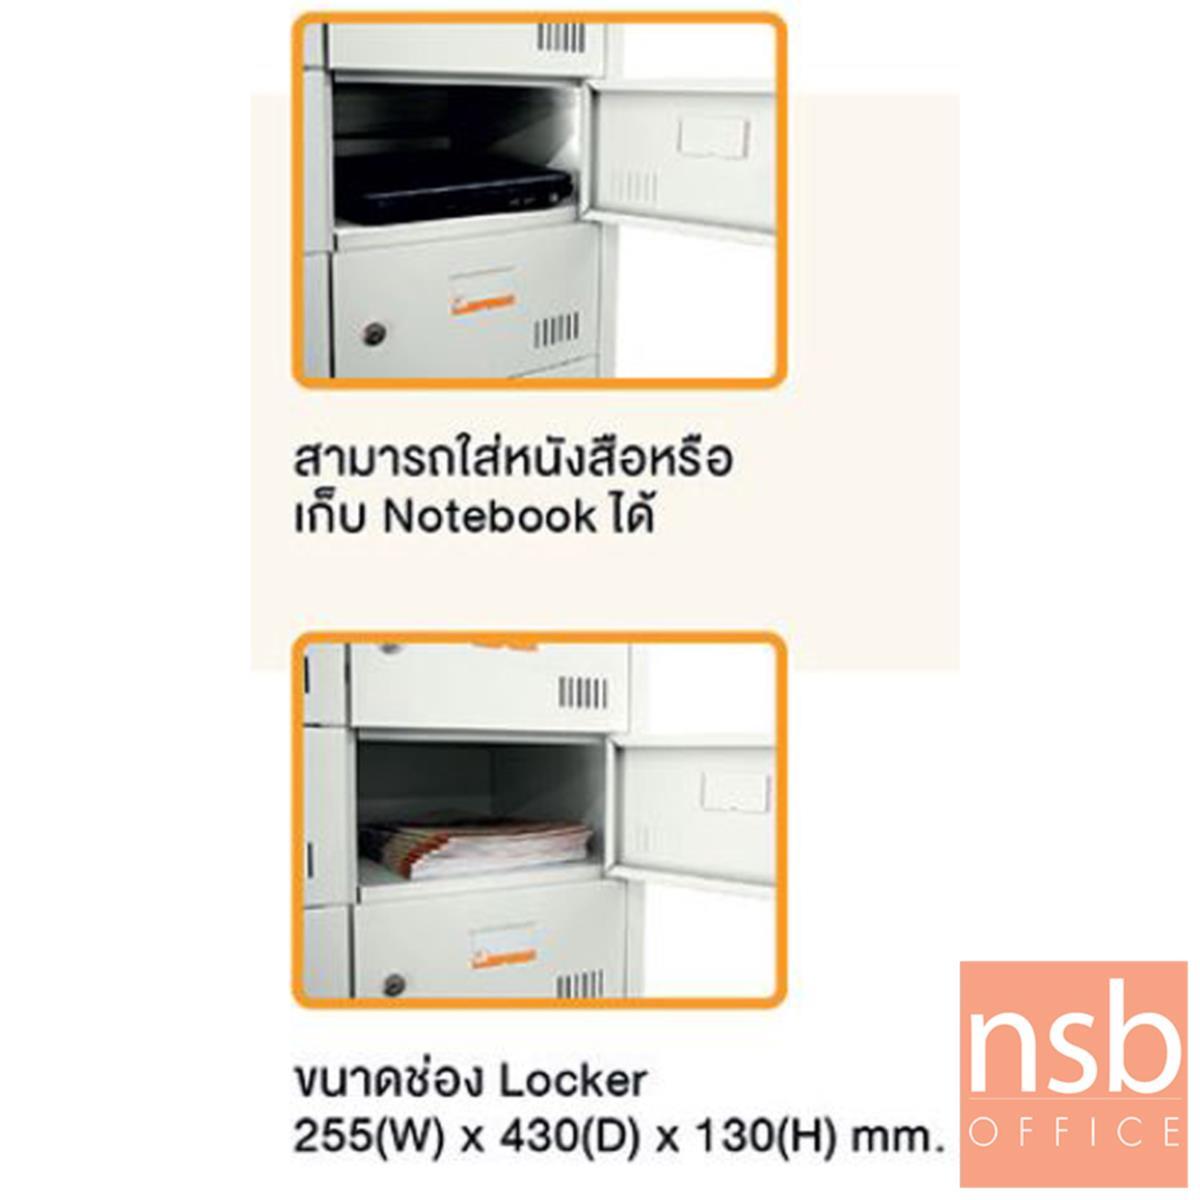 ตู้ล็อคเกอร์ 33 ประตู ระบบกุญแจล็อค รุ่น LK33KN